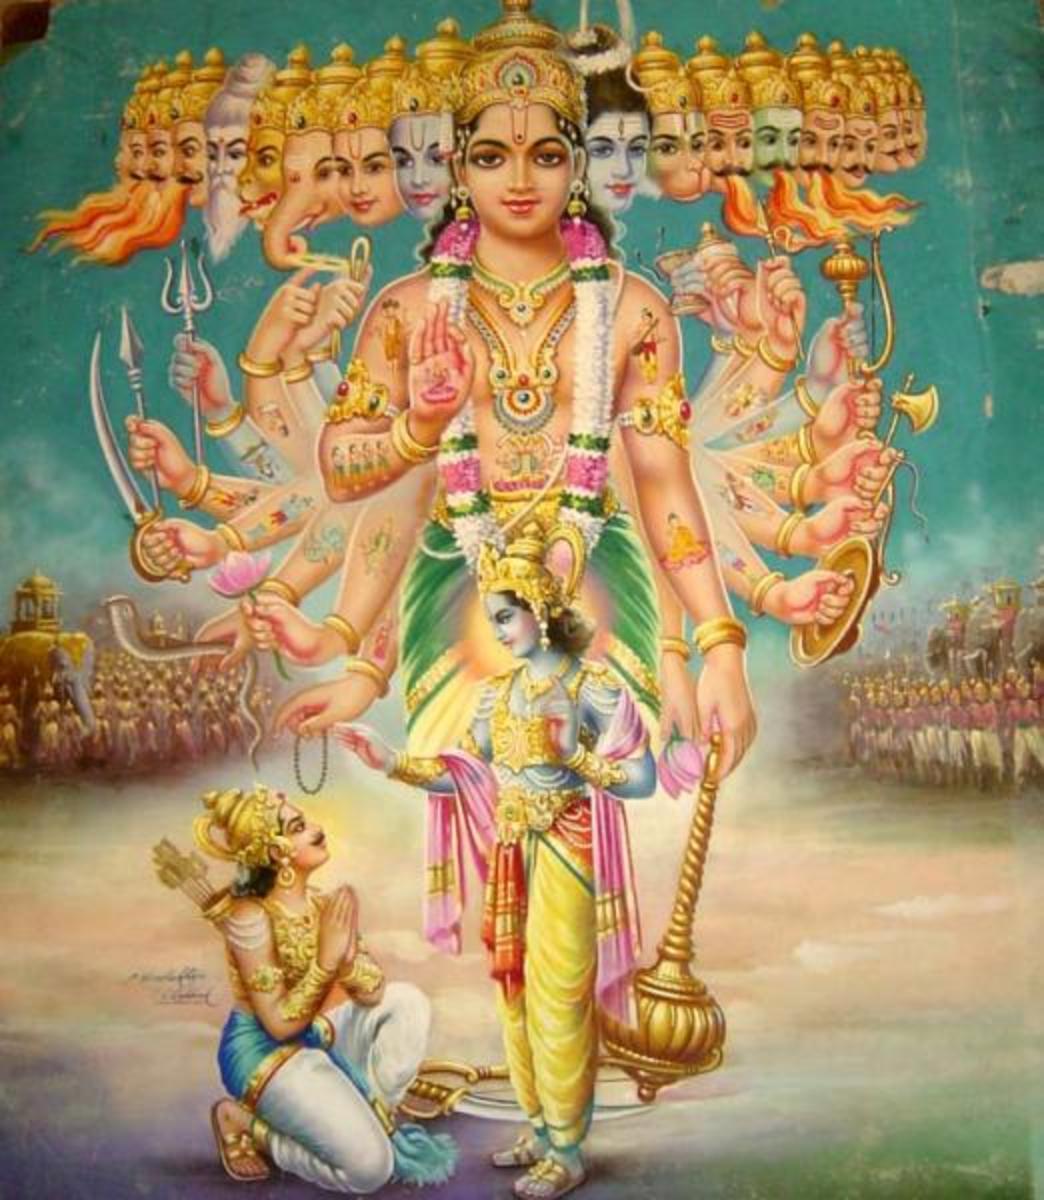 A key moment in the Bhagavad Gita: Krishna shows Arjuna his universal form (bazaar art by C. Konddiah Raja, c.1950's)